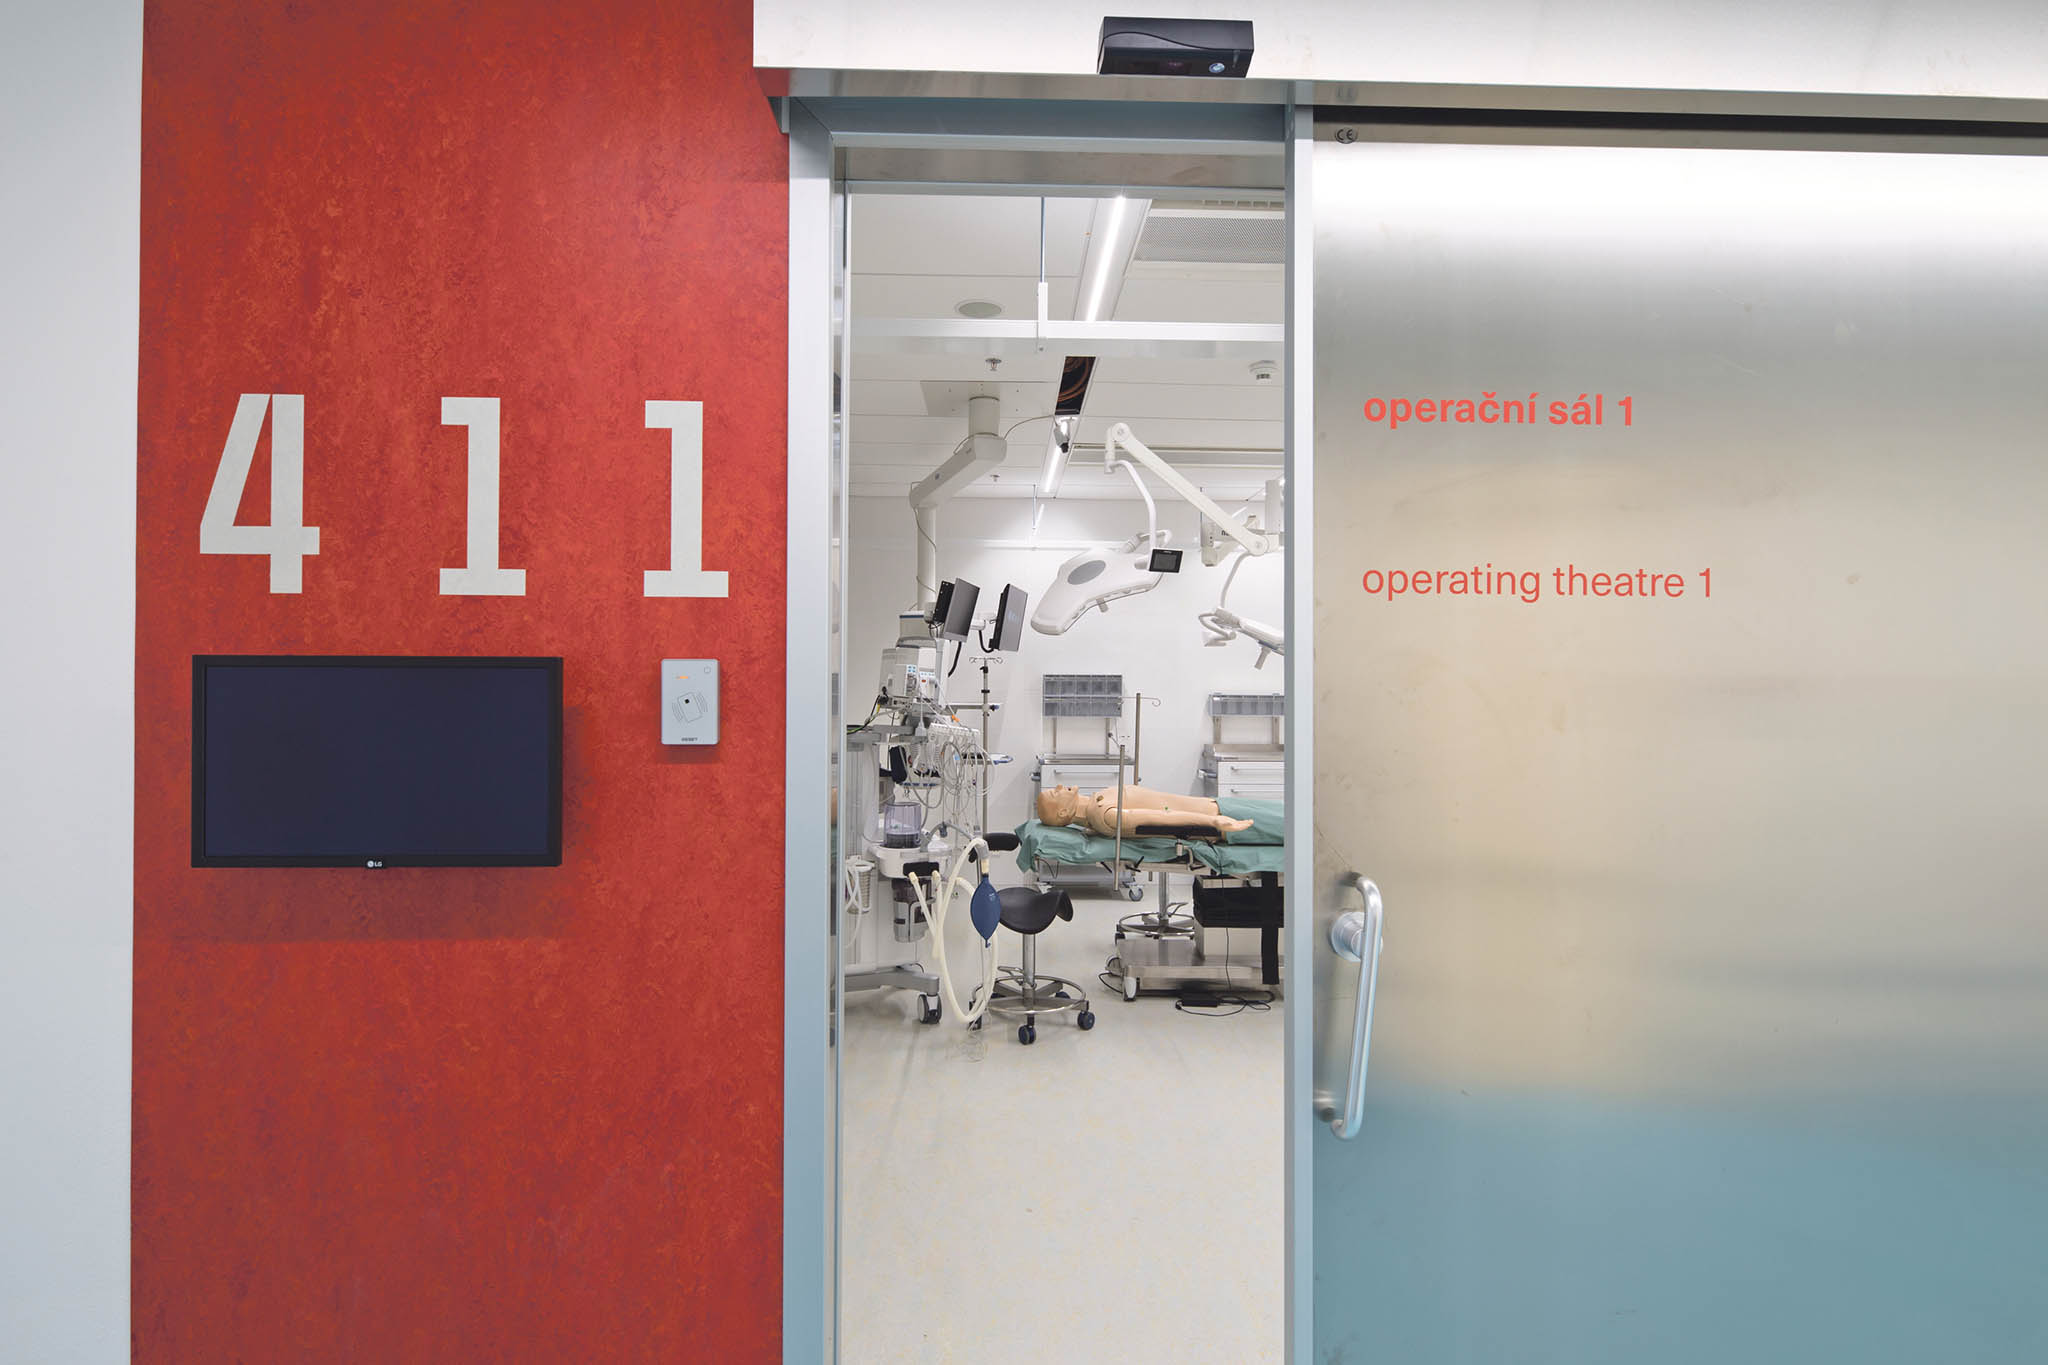 Simulační centra jsou velkým přínosem, protože studentům pomáhají odbourávat strach ztoho, že vdůsledku chyby ublíží pacientovi. Praktickou výuku, probíhající přímo vezdravotnických zařízeních, nemohou ale logicky nikdy zcela nahradit.